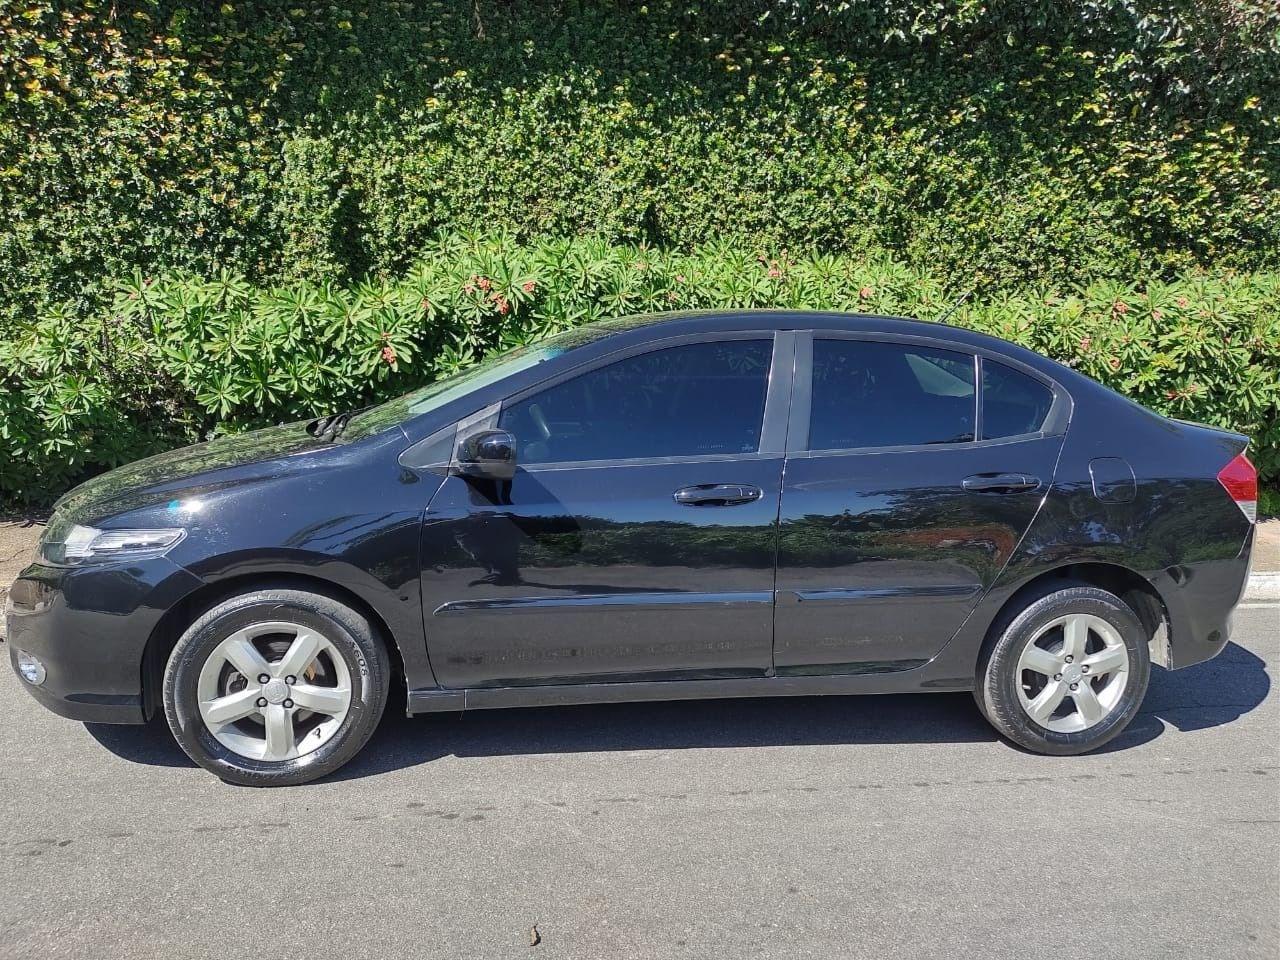 //www.autoline.com.br/carro/honda/city-15-lx-16v-flex-4p-automatico/2011/sao-paulo-sp/14419858